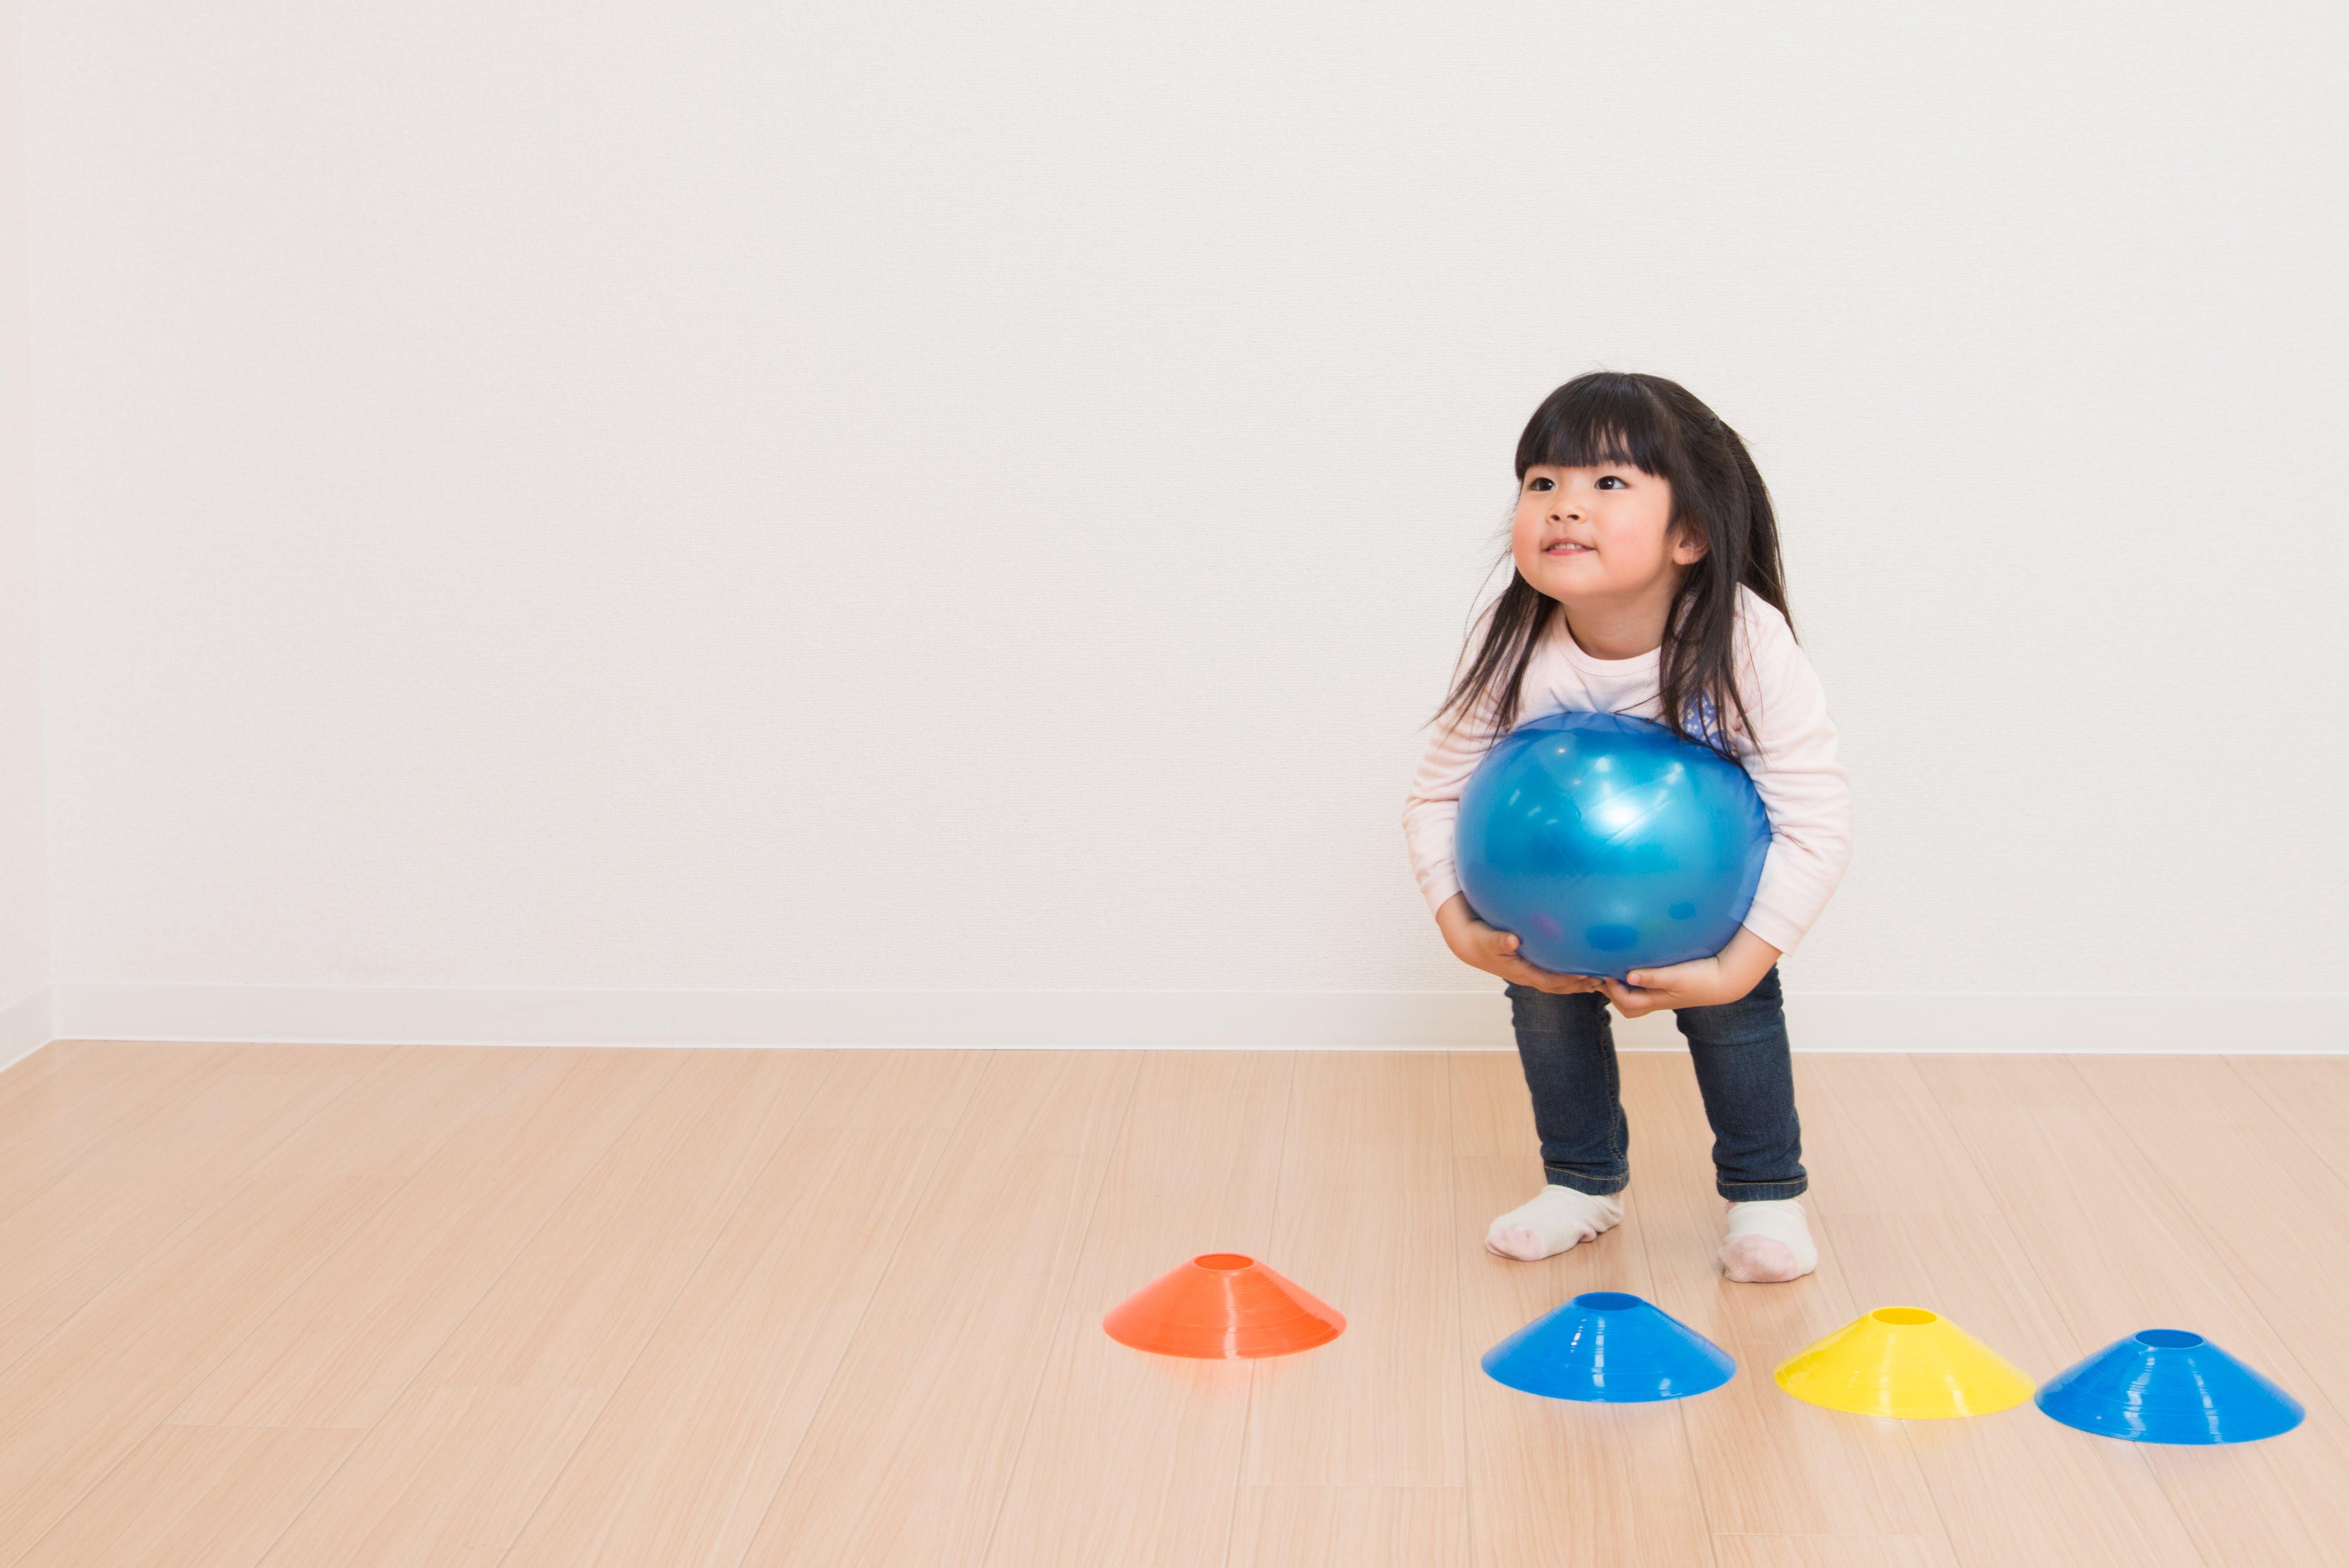 ボールを投げる女の子